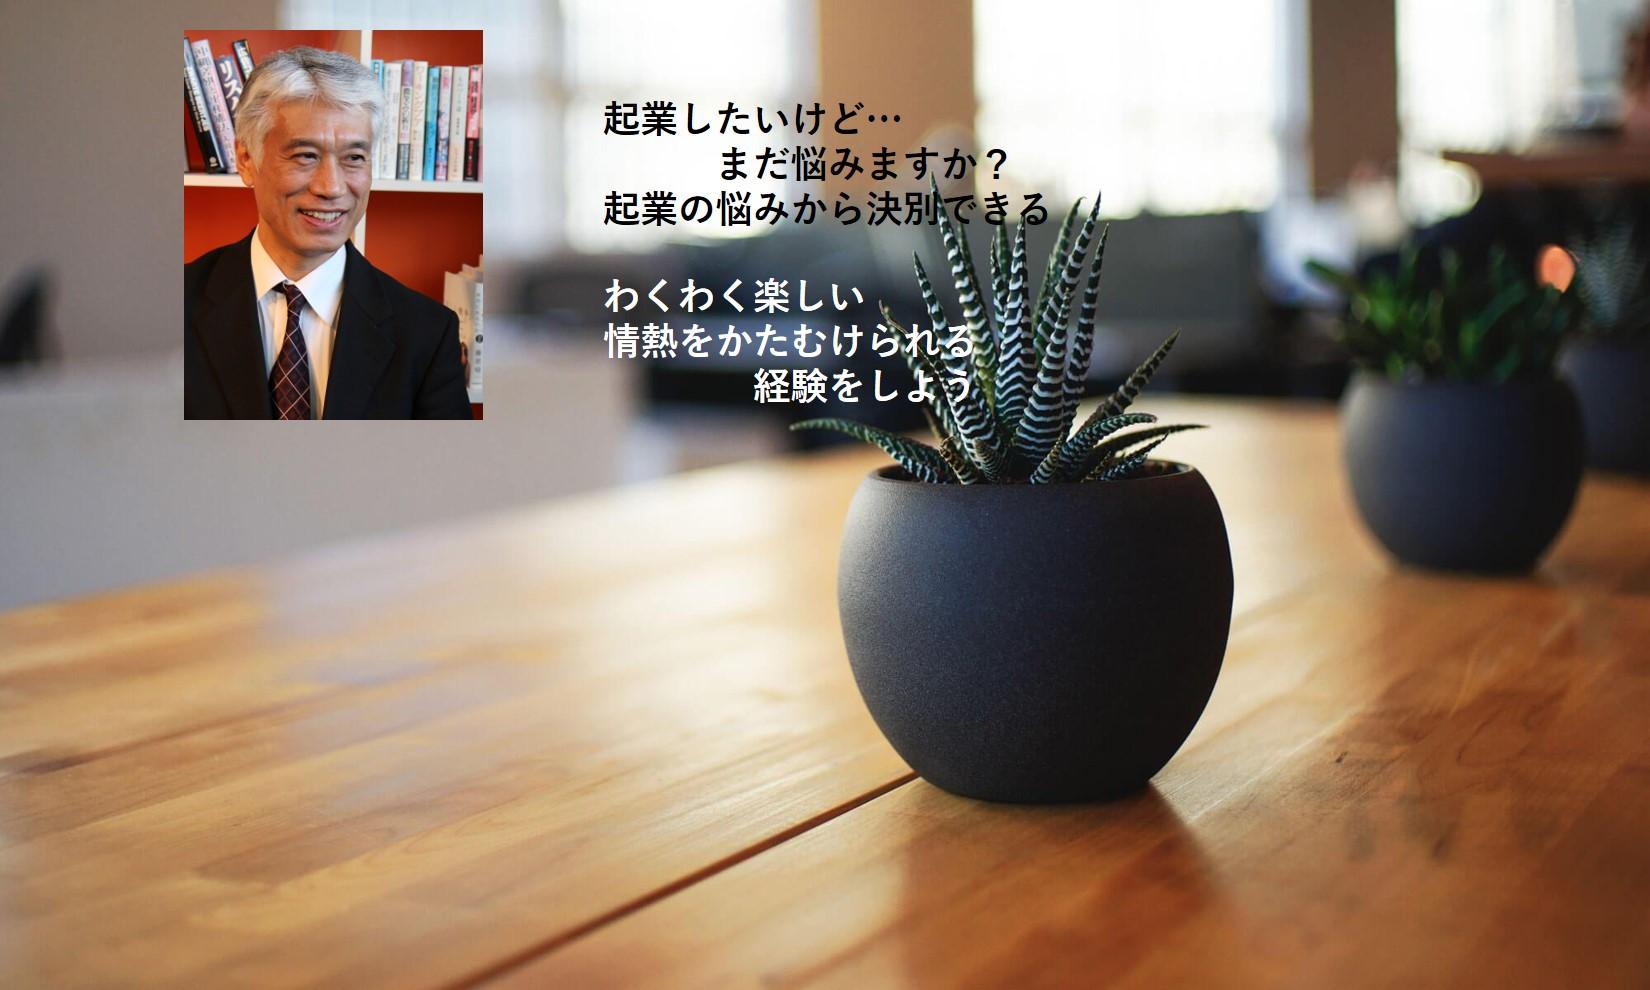 ネクストステージ シニアSE起業サクセス義塾 梅田